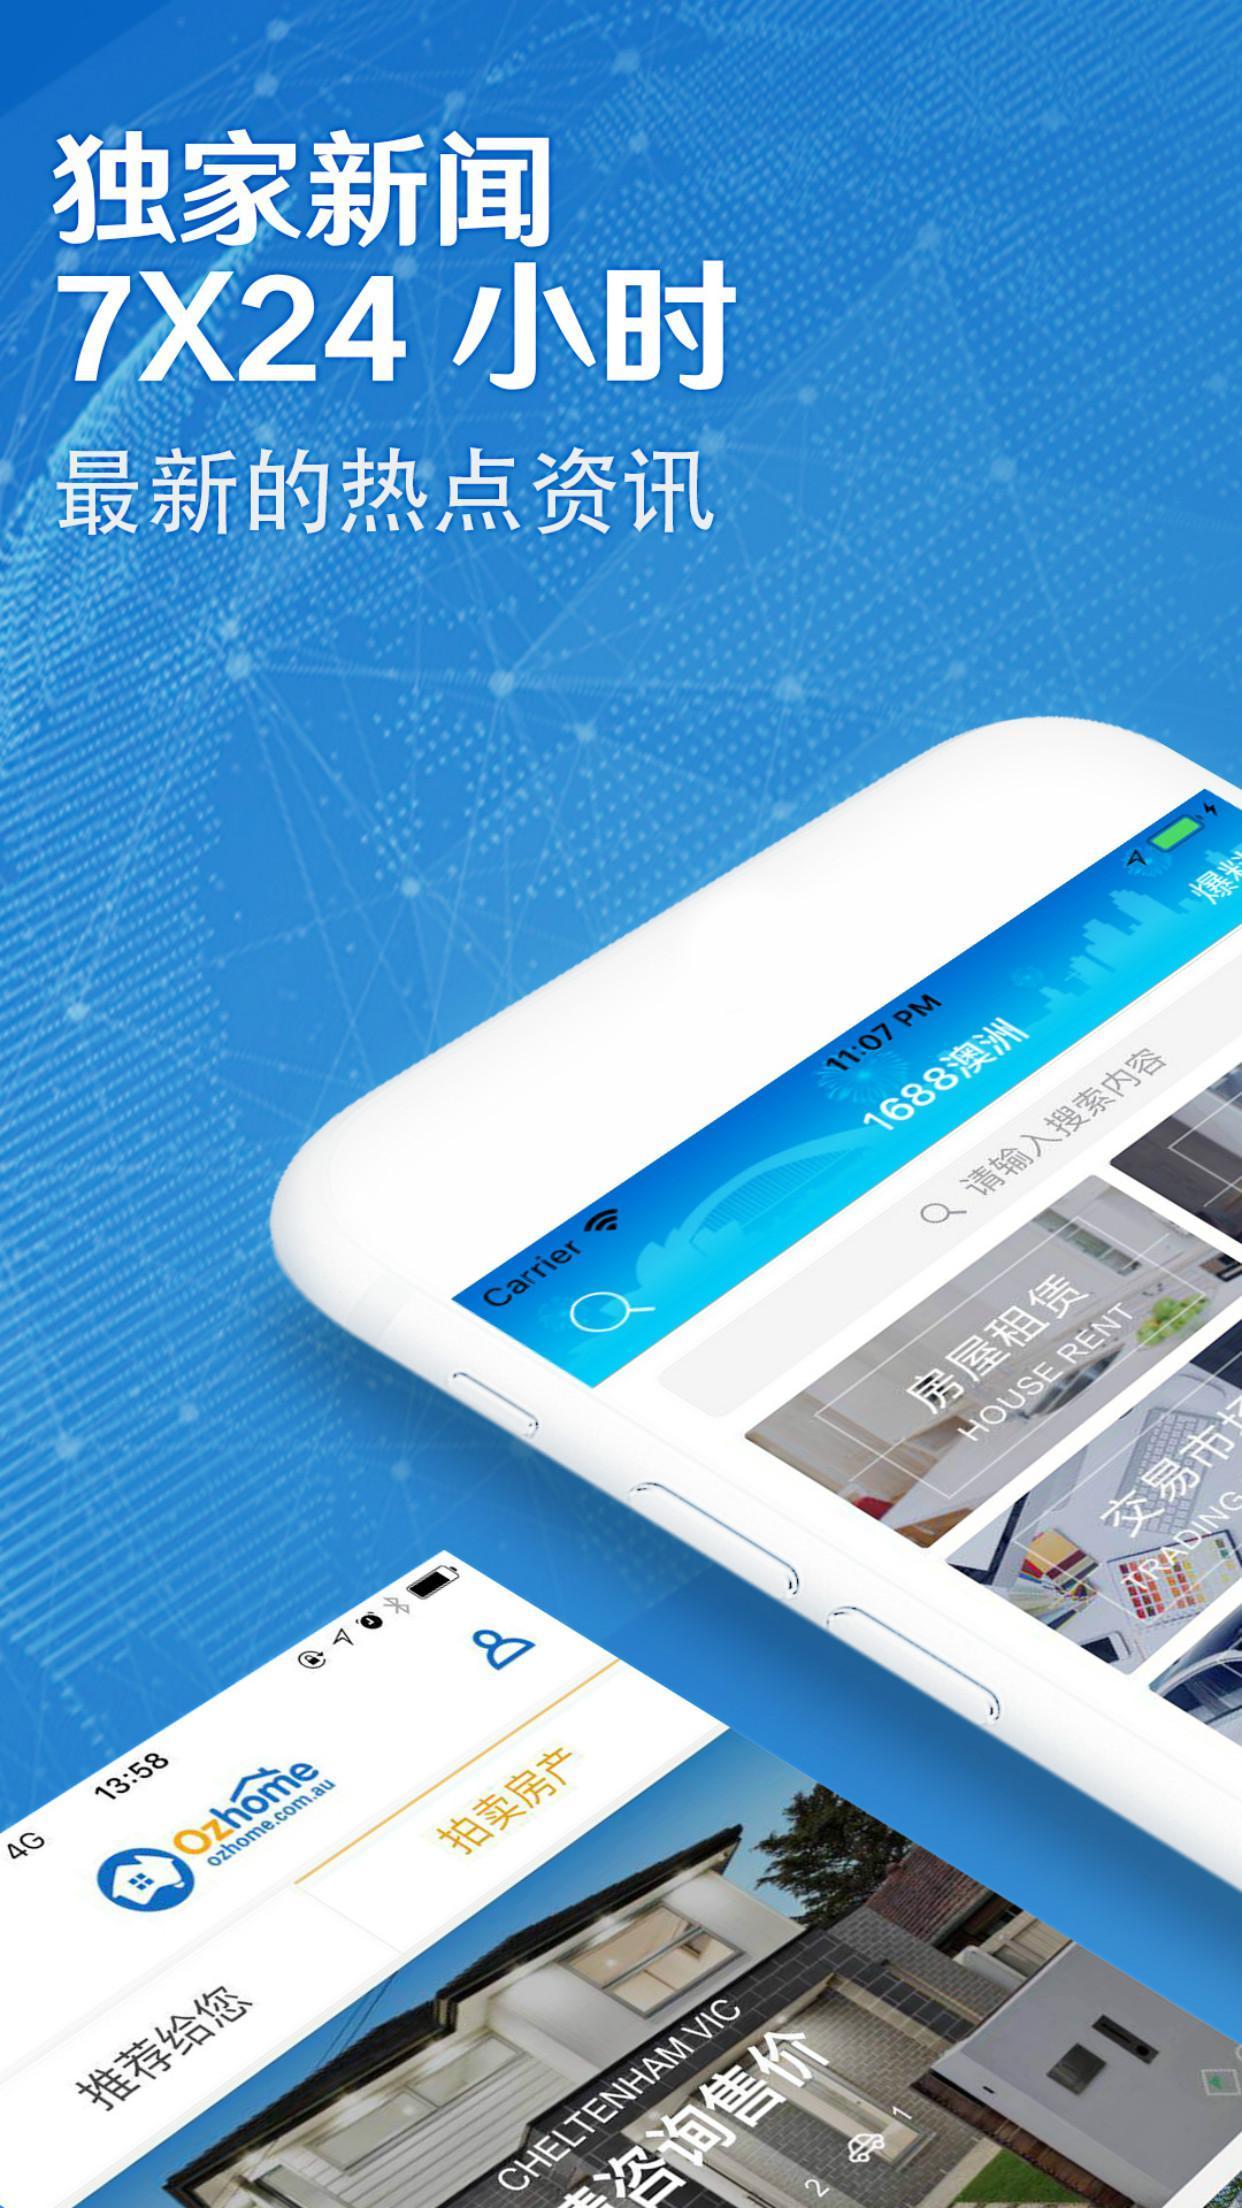 1688澳洲—Daily APP for Chinese Australian for Android - APK